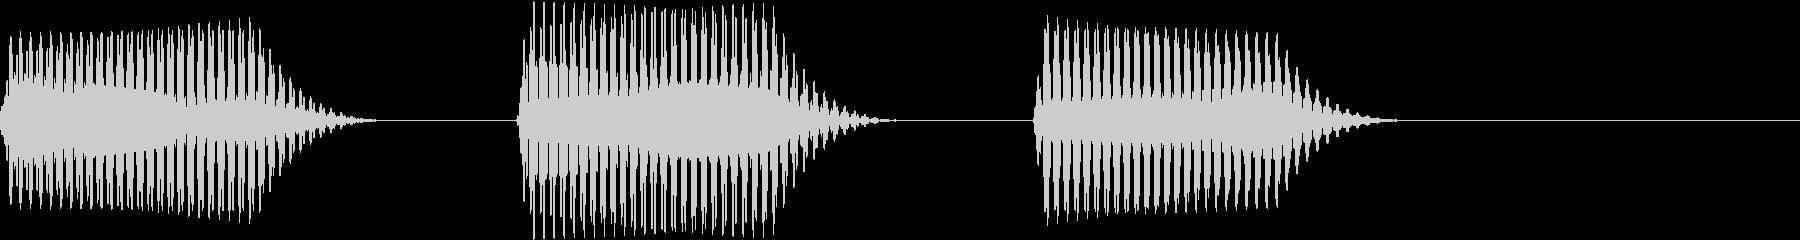 車 自動運転技術でのカーナビ警告音2の未再生の波形